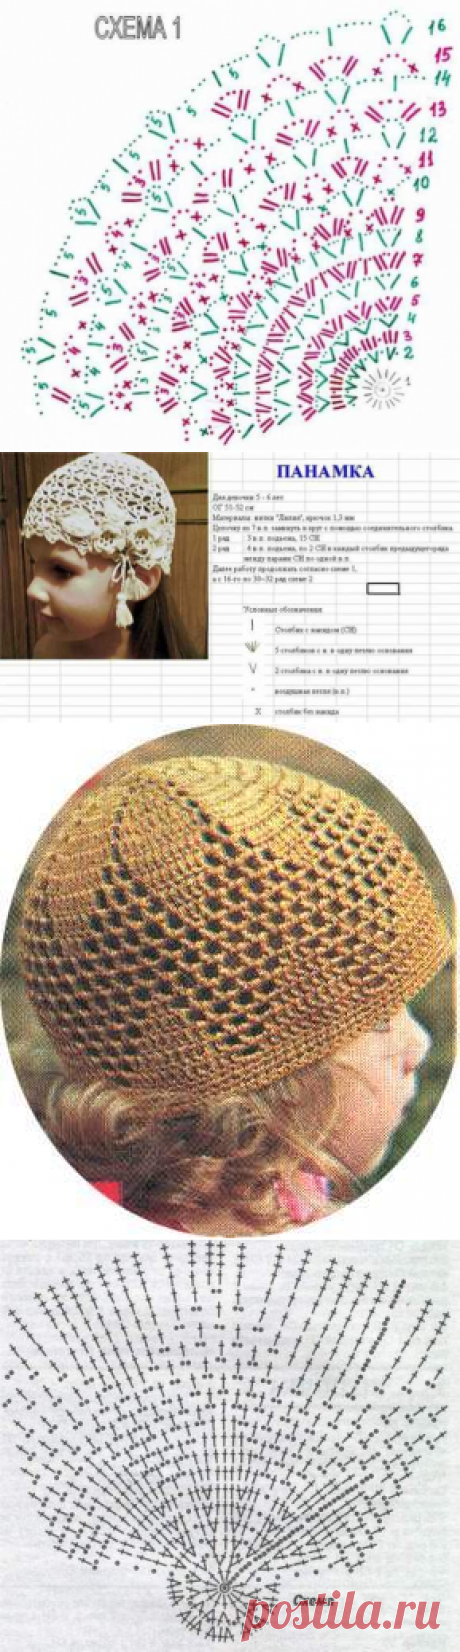 Поиск на Постиле: спицами шарфик для девочки